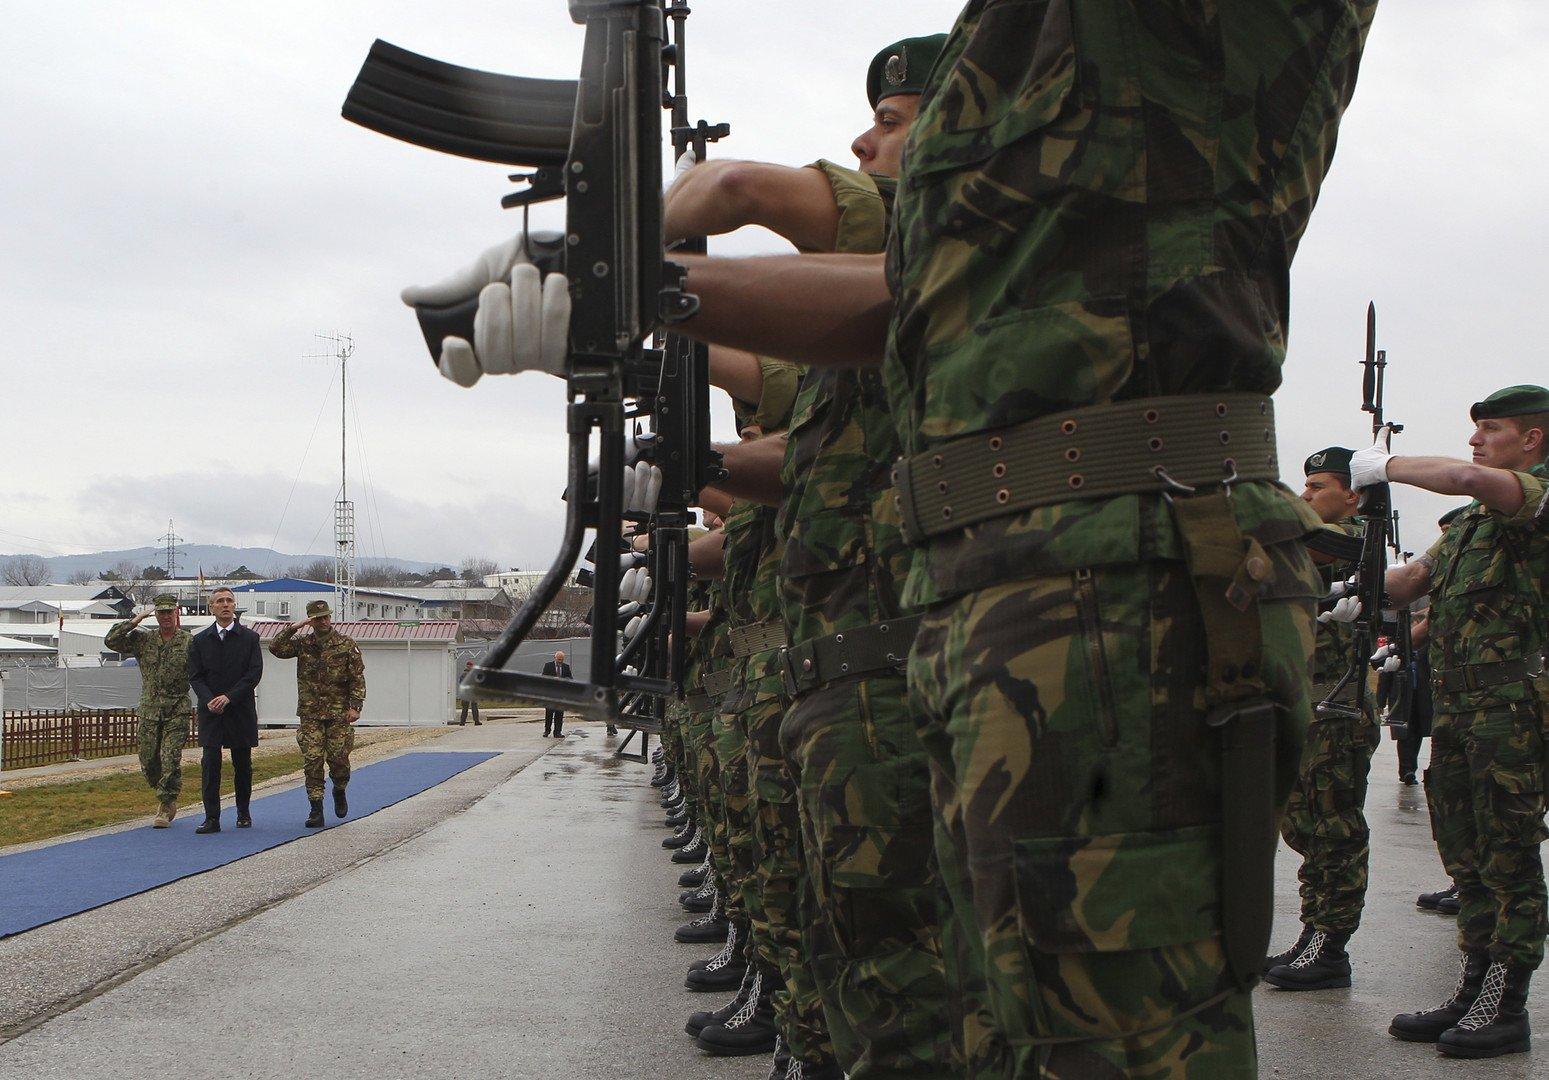 Europe de l'Est : l'OTAN déploie 30 000 hommes dont 5 000 en tant que force de réaction rapide